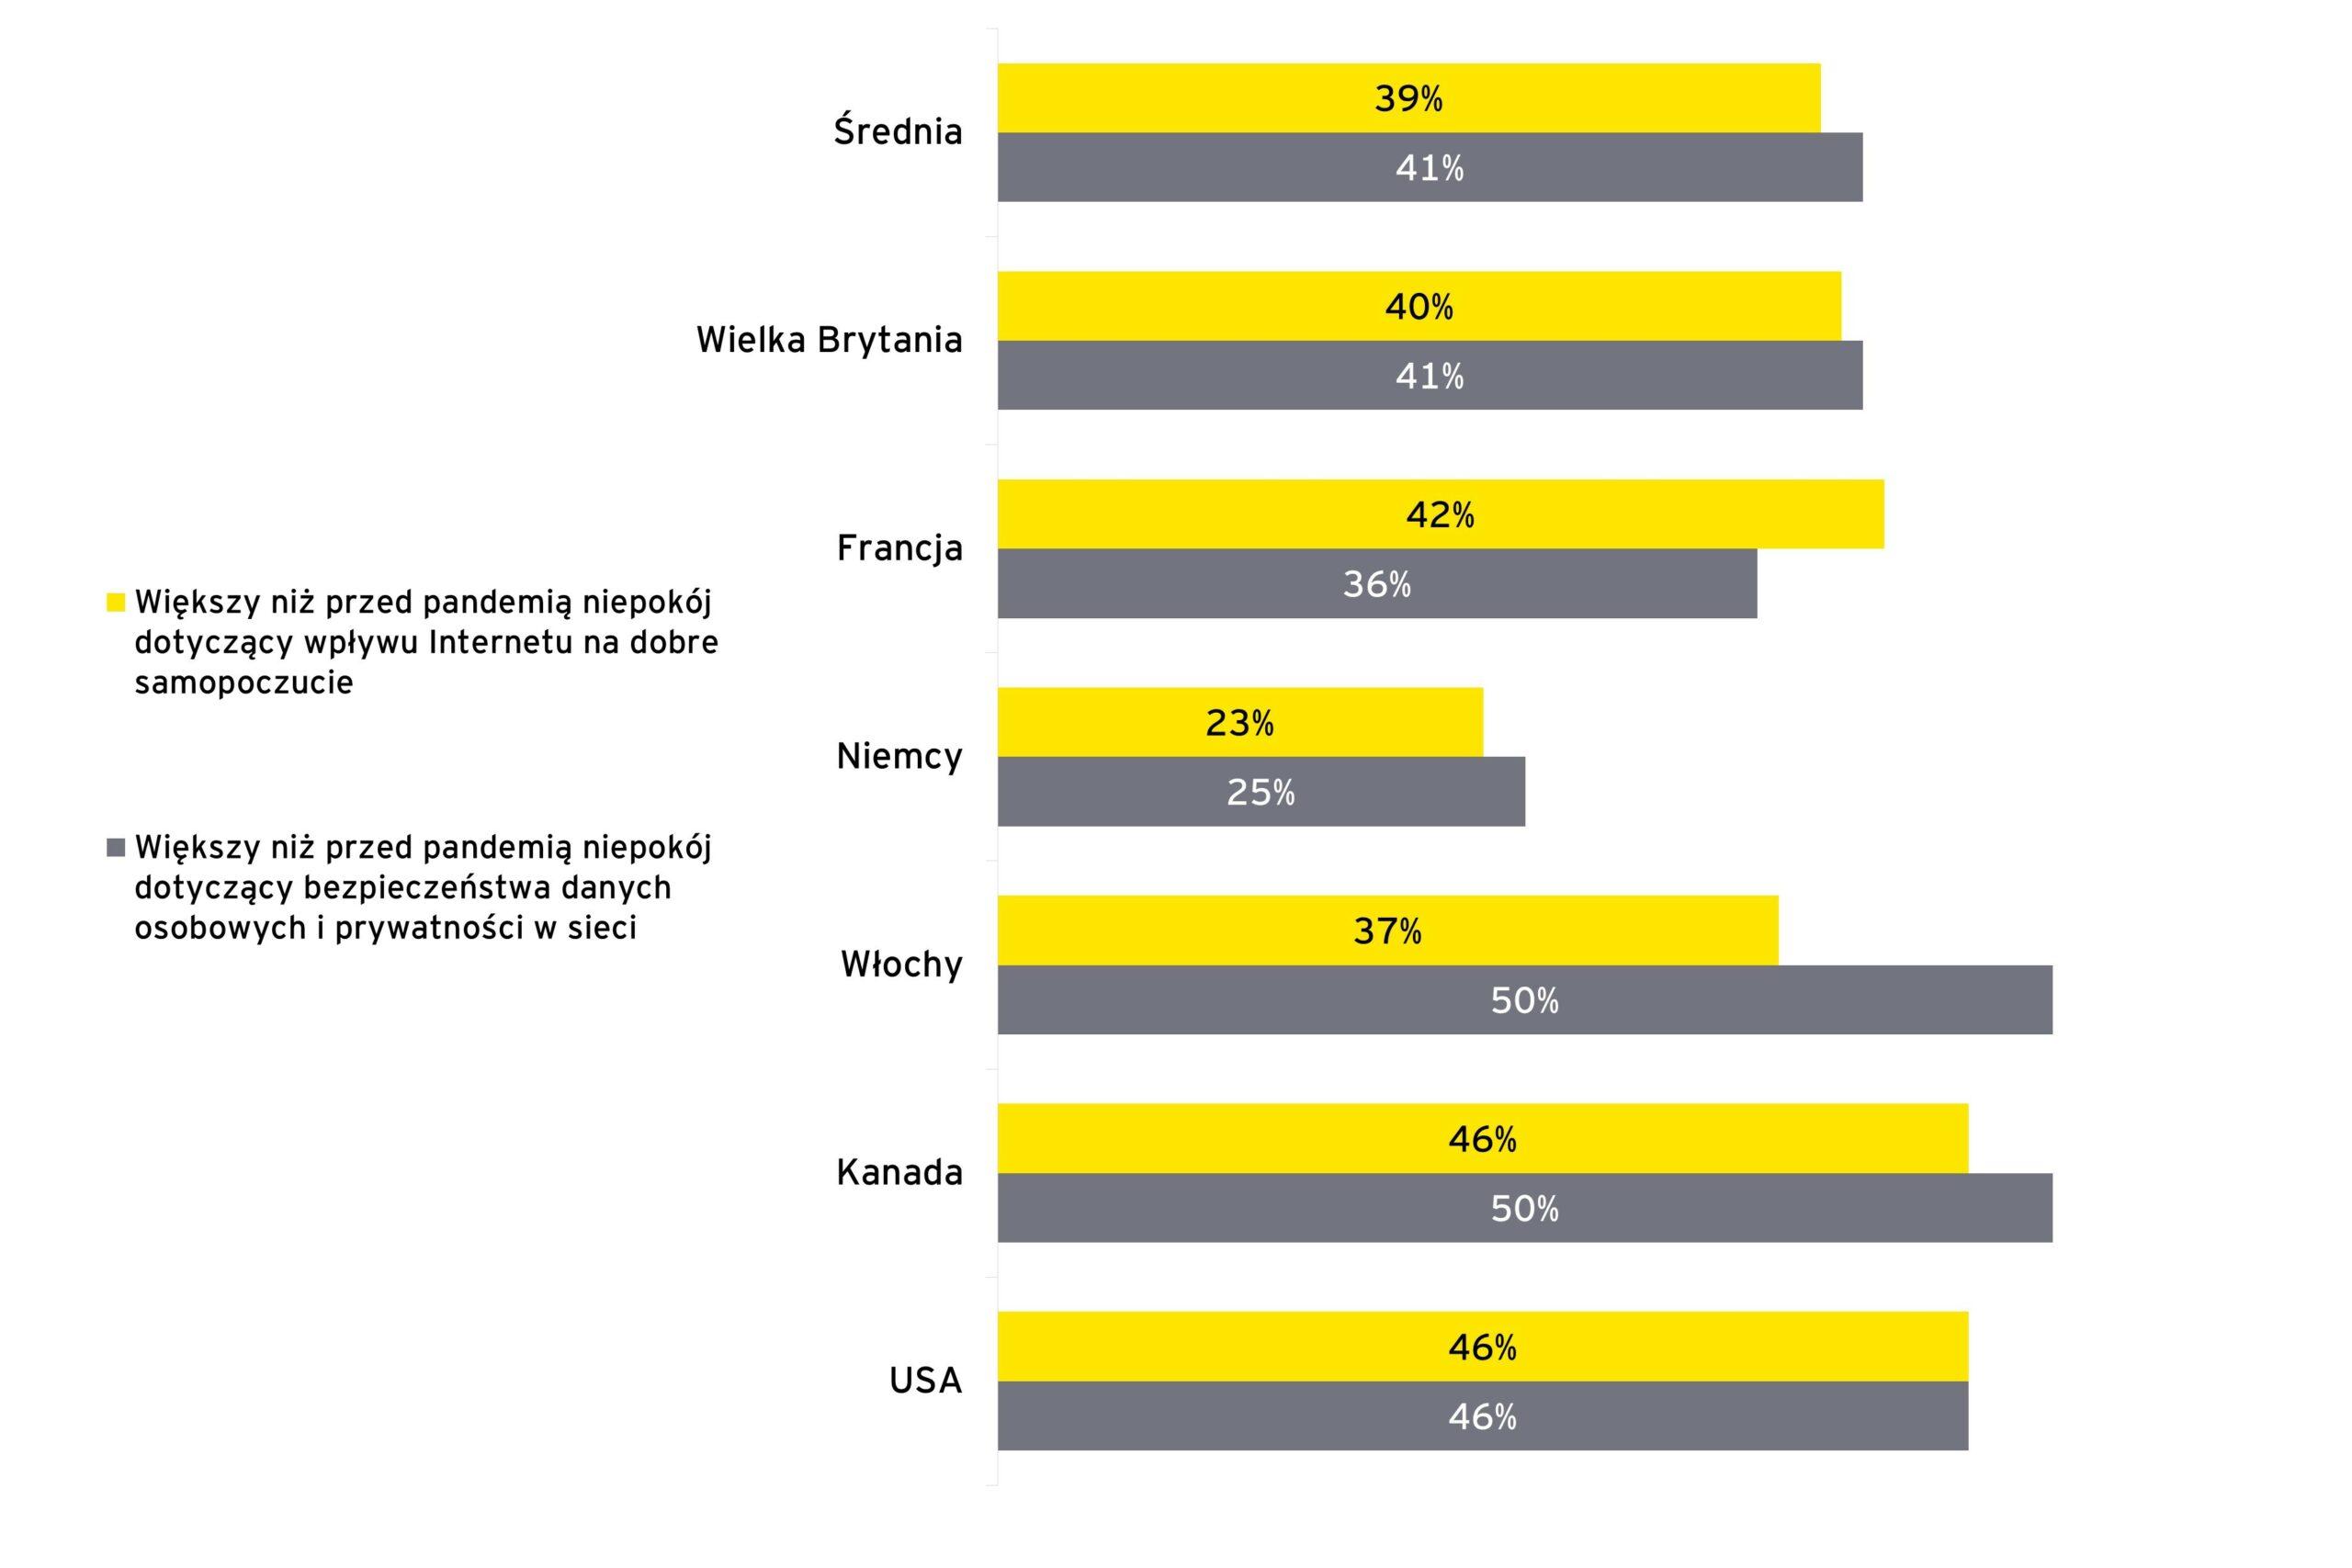 Wpływ pandemii na zaufanie i dobre samopoczucie w kanałach cyfrowych